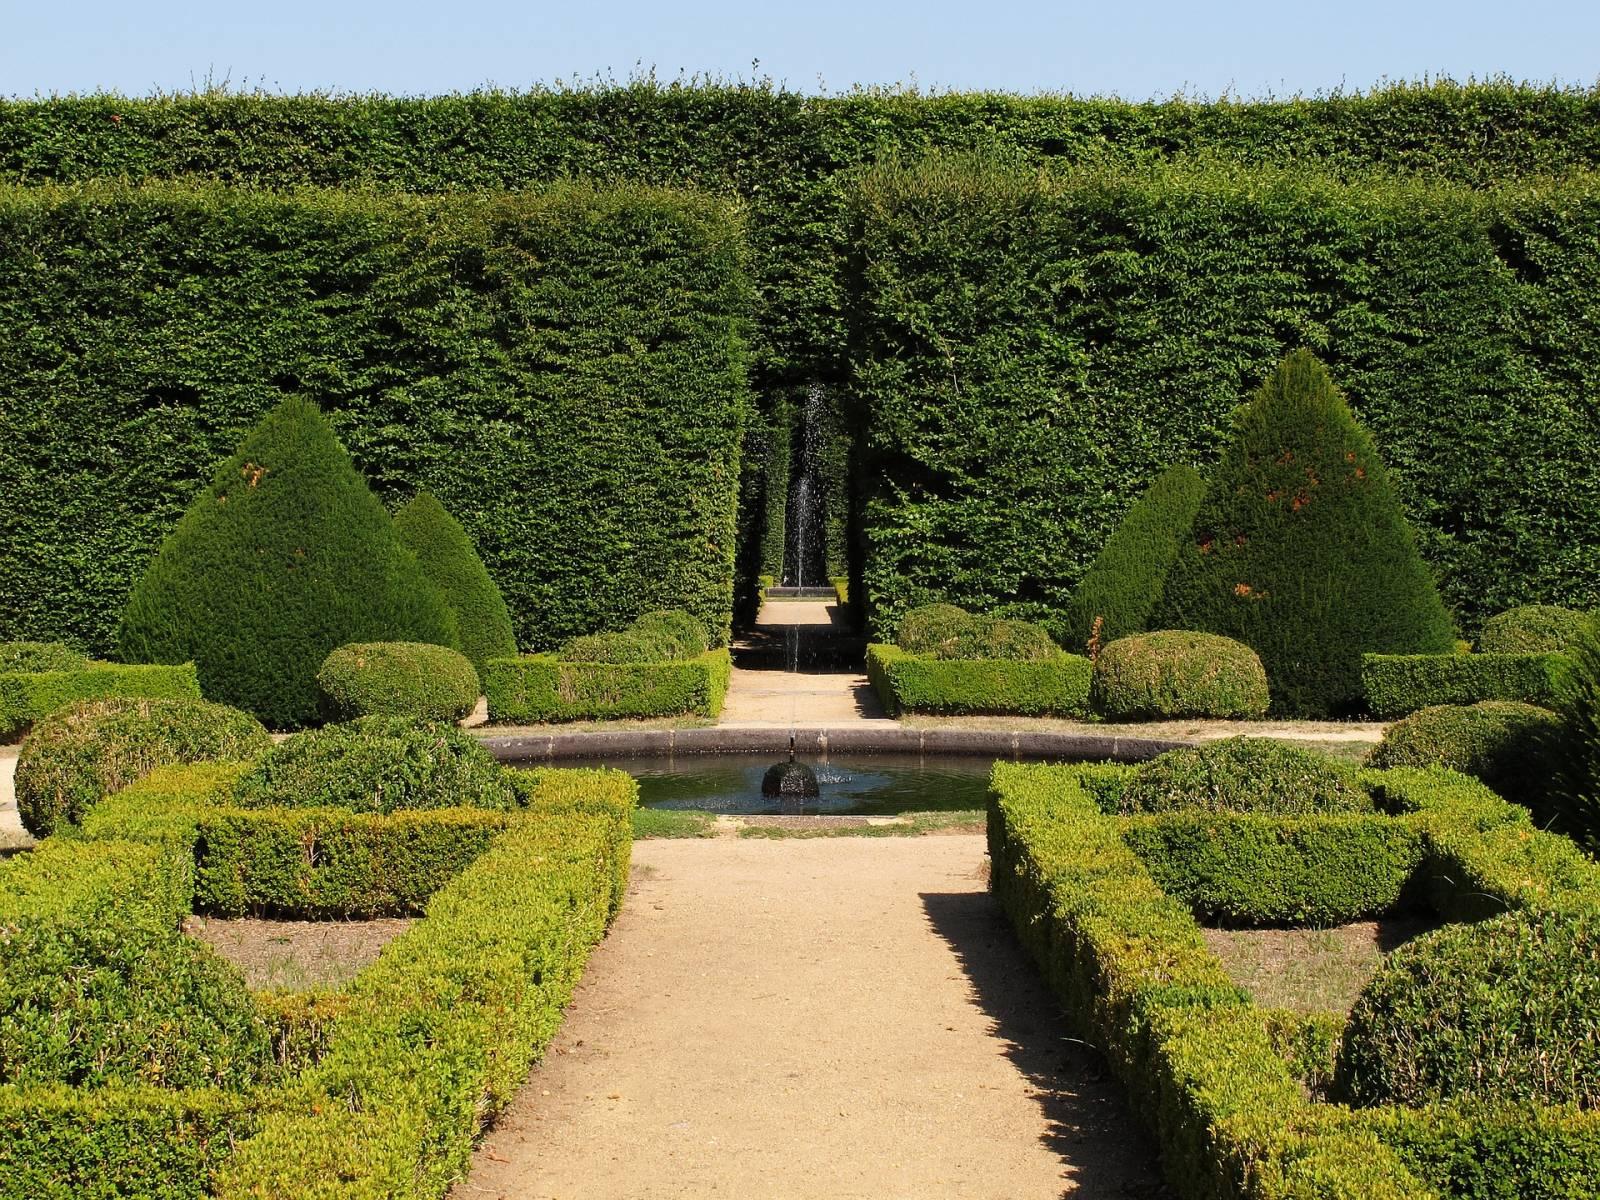 Taille en topiaire dans jardin à la française - Jardinier paysagiste ...